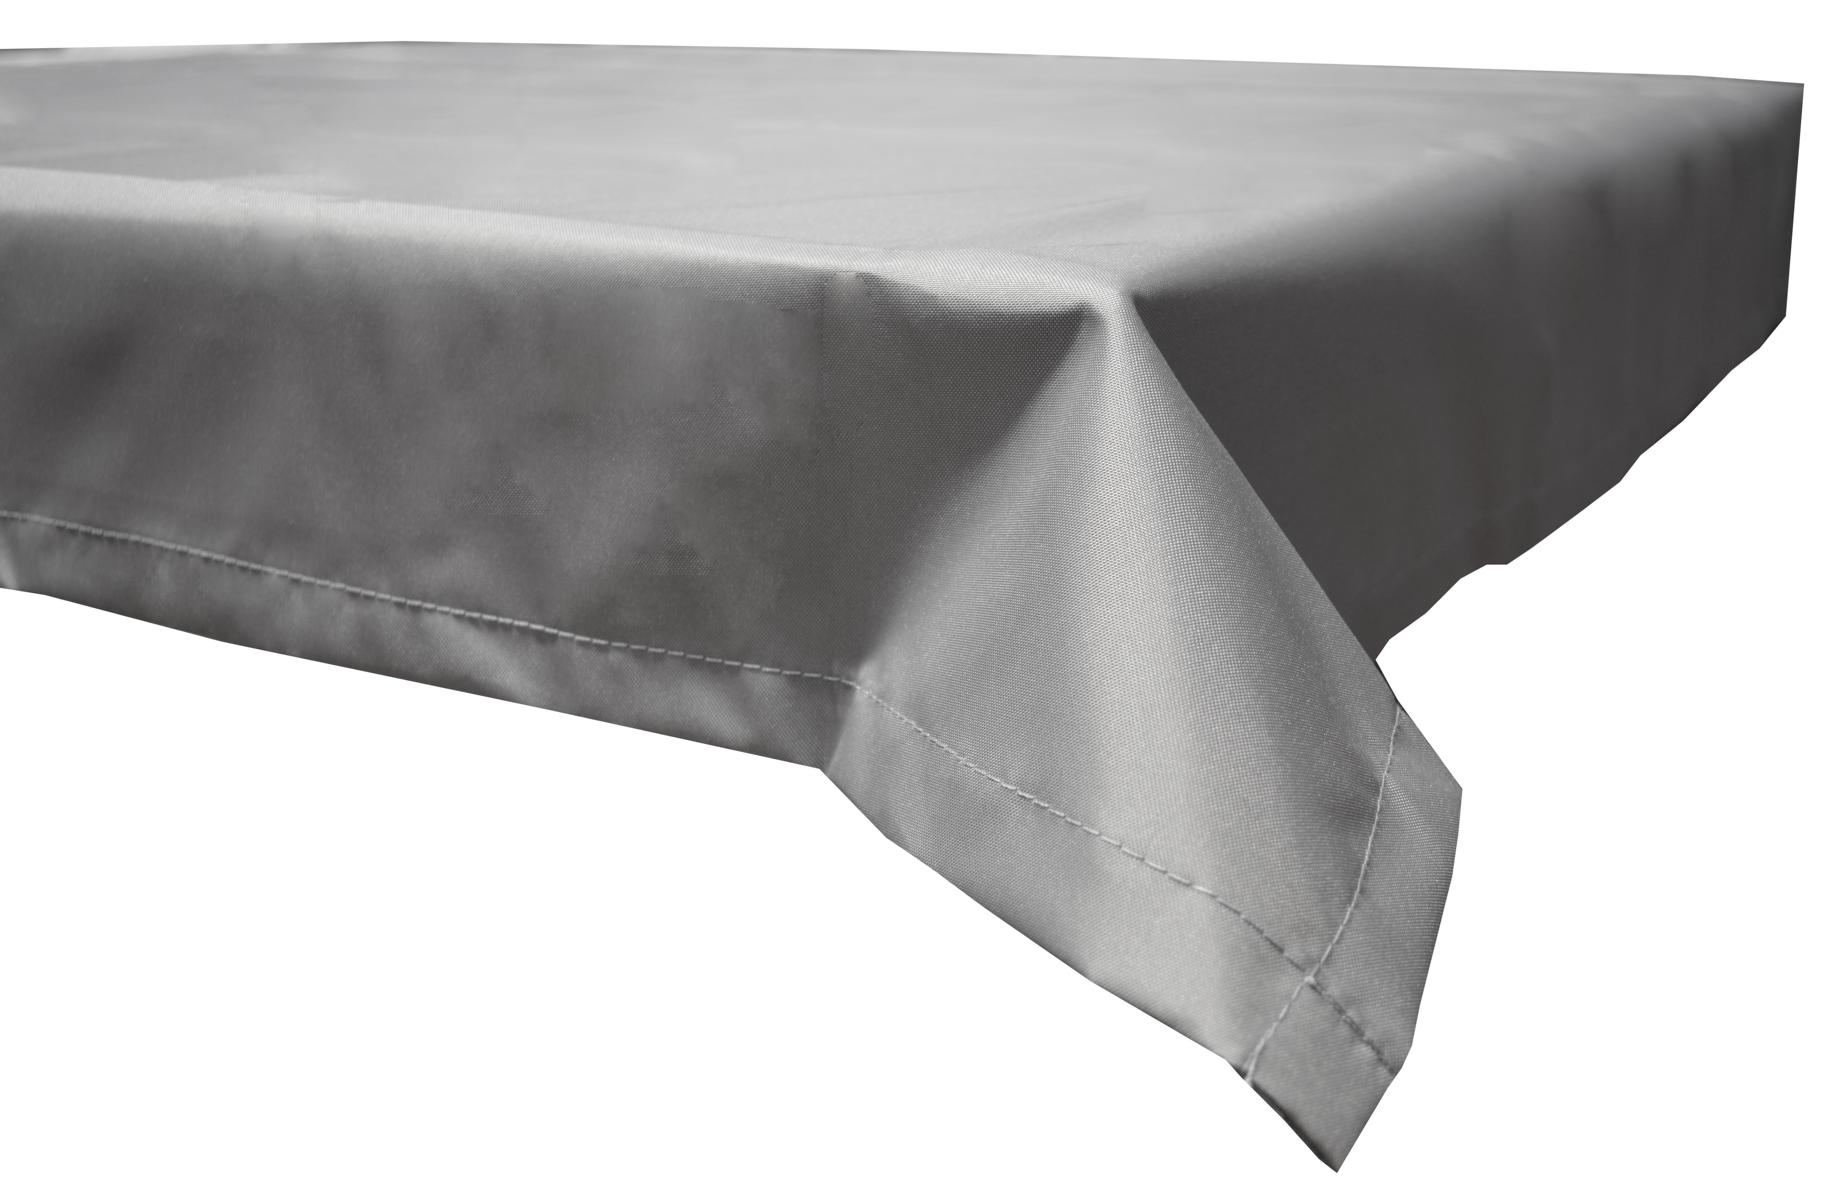 130x230 cm wasserabweisende Tischdecke 100% Polyester in hellgrau